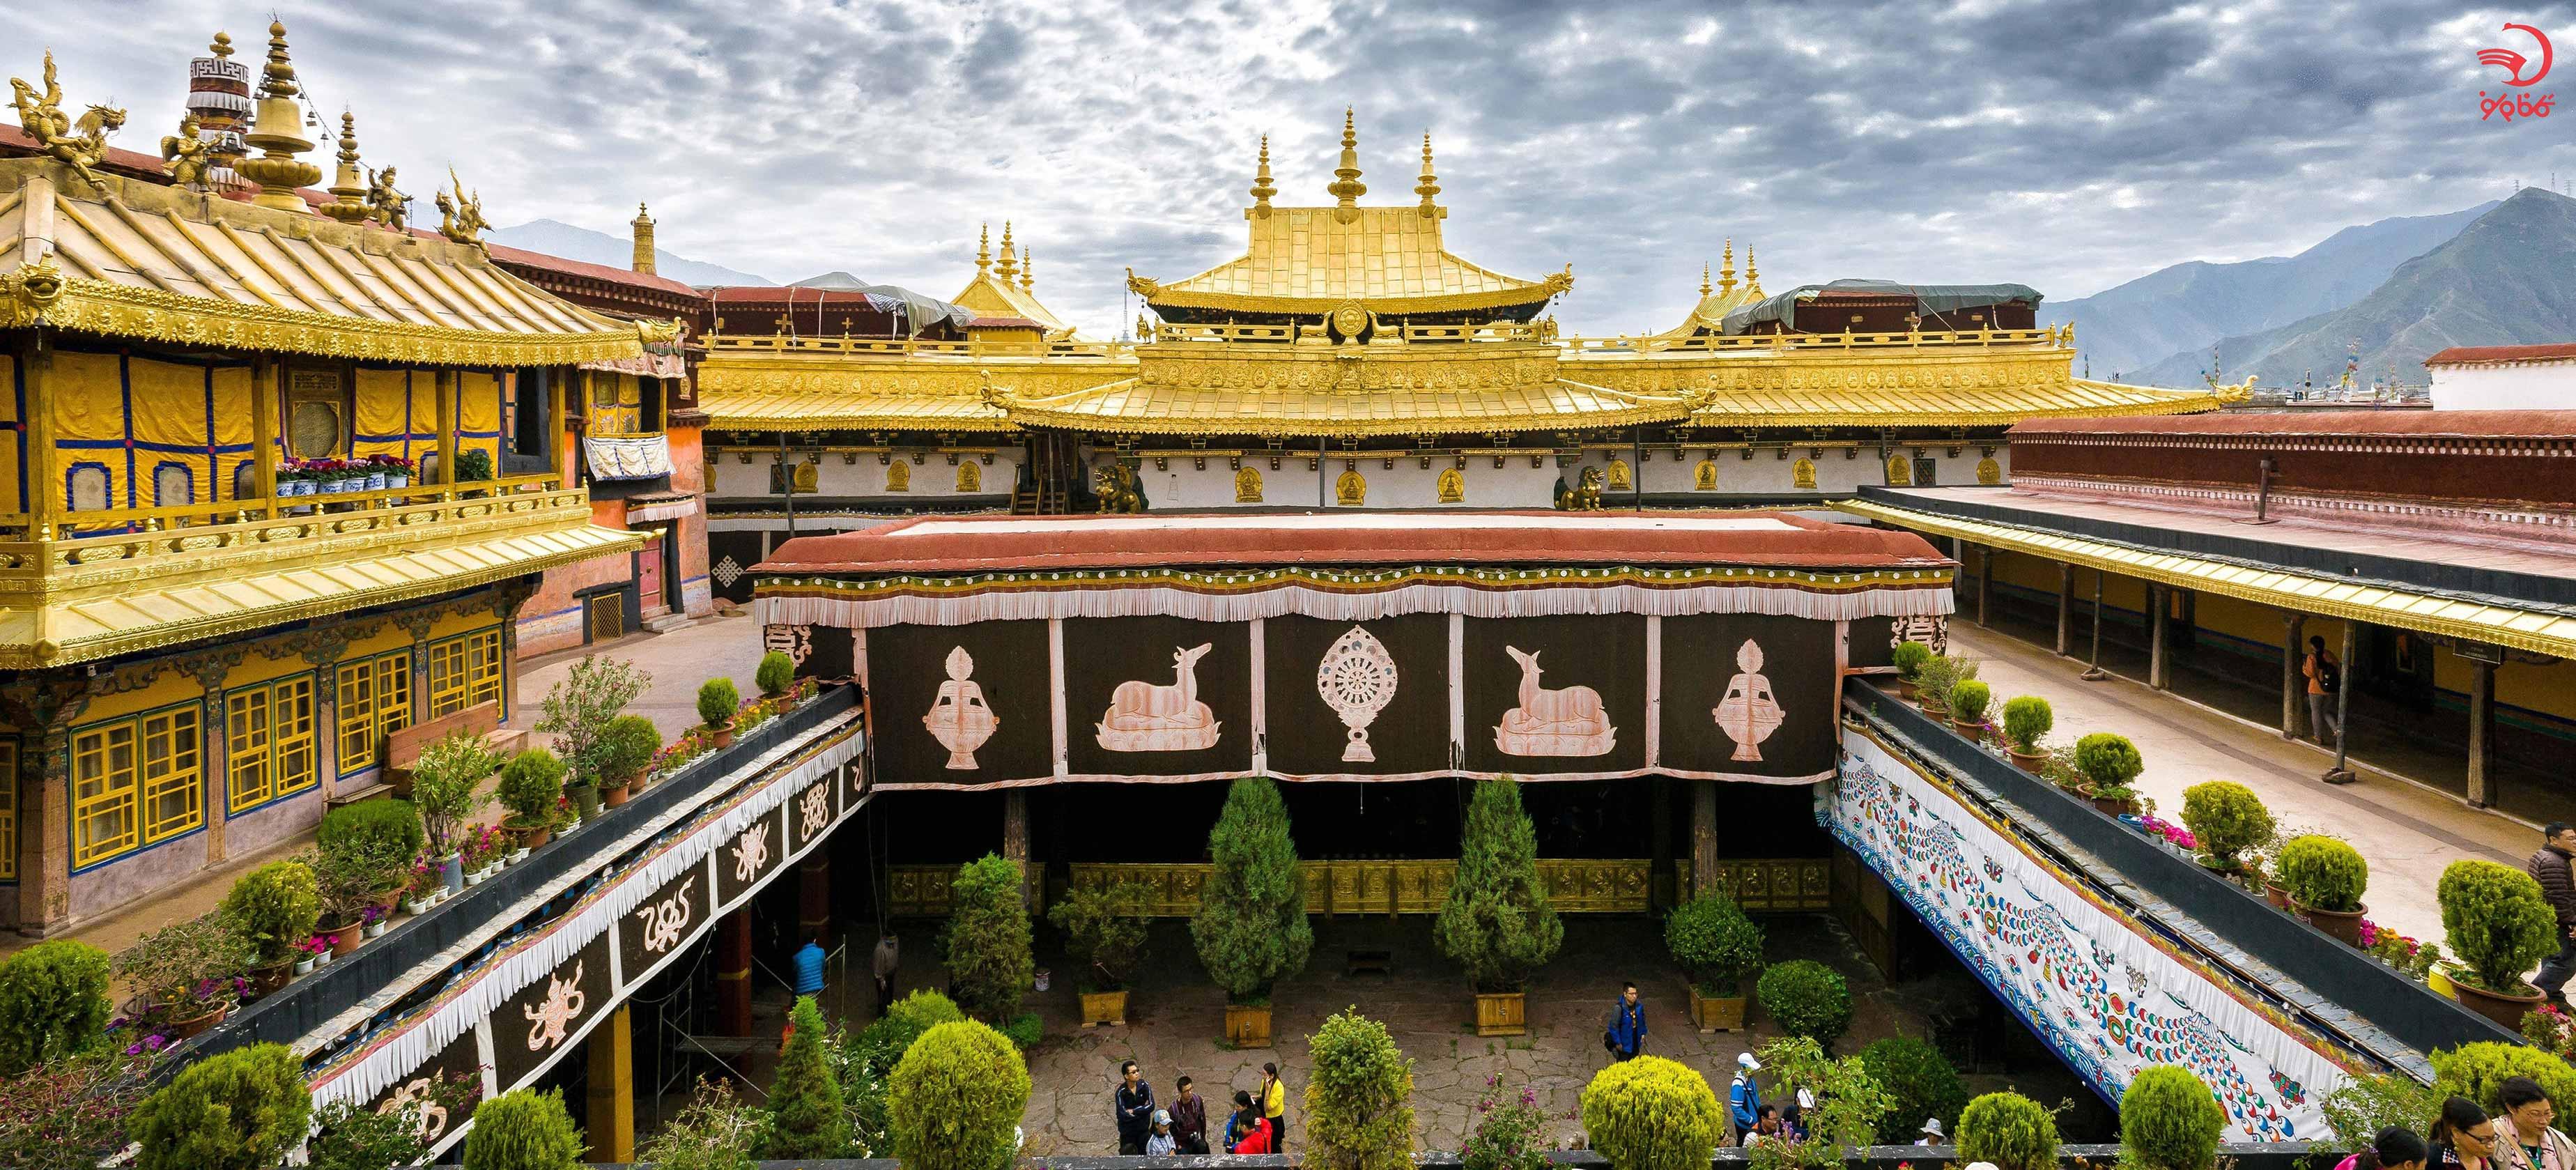 بازدید از معبد جومونگ